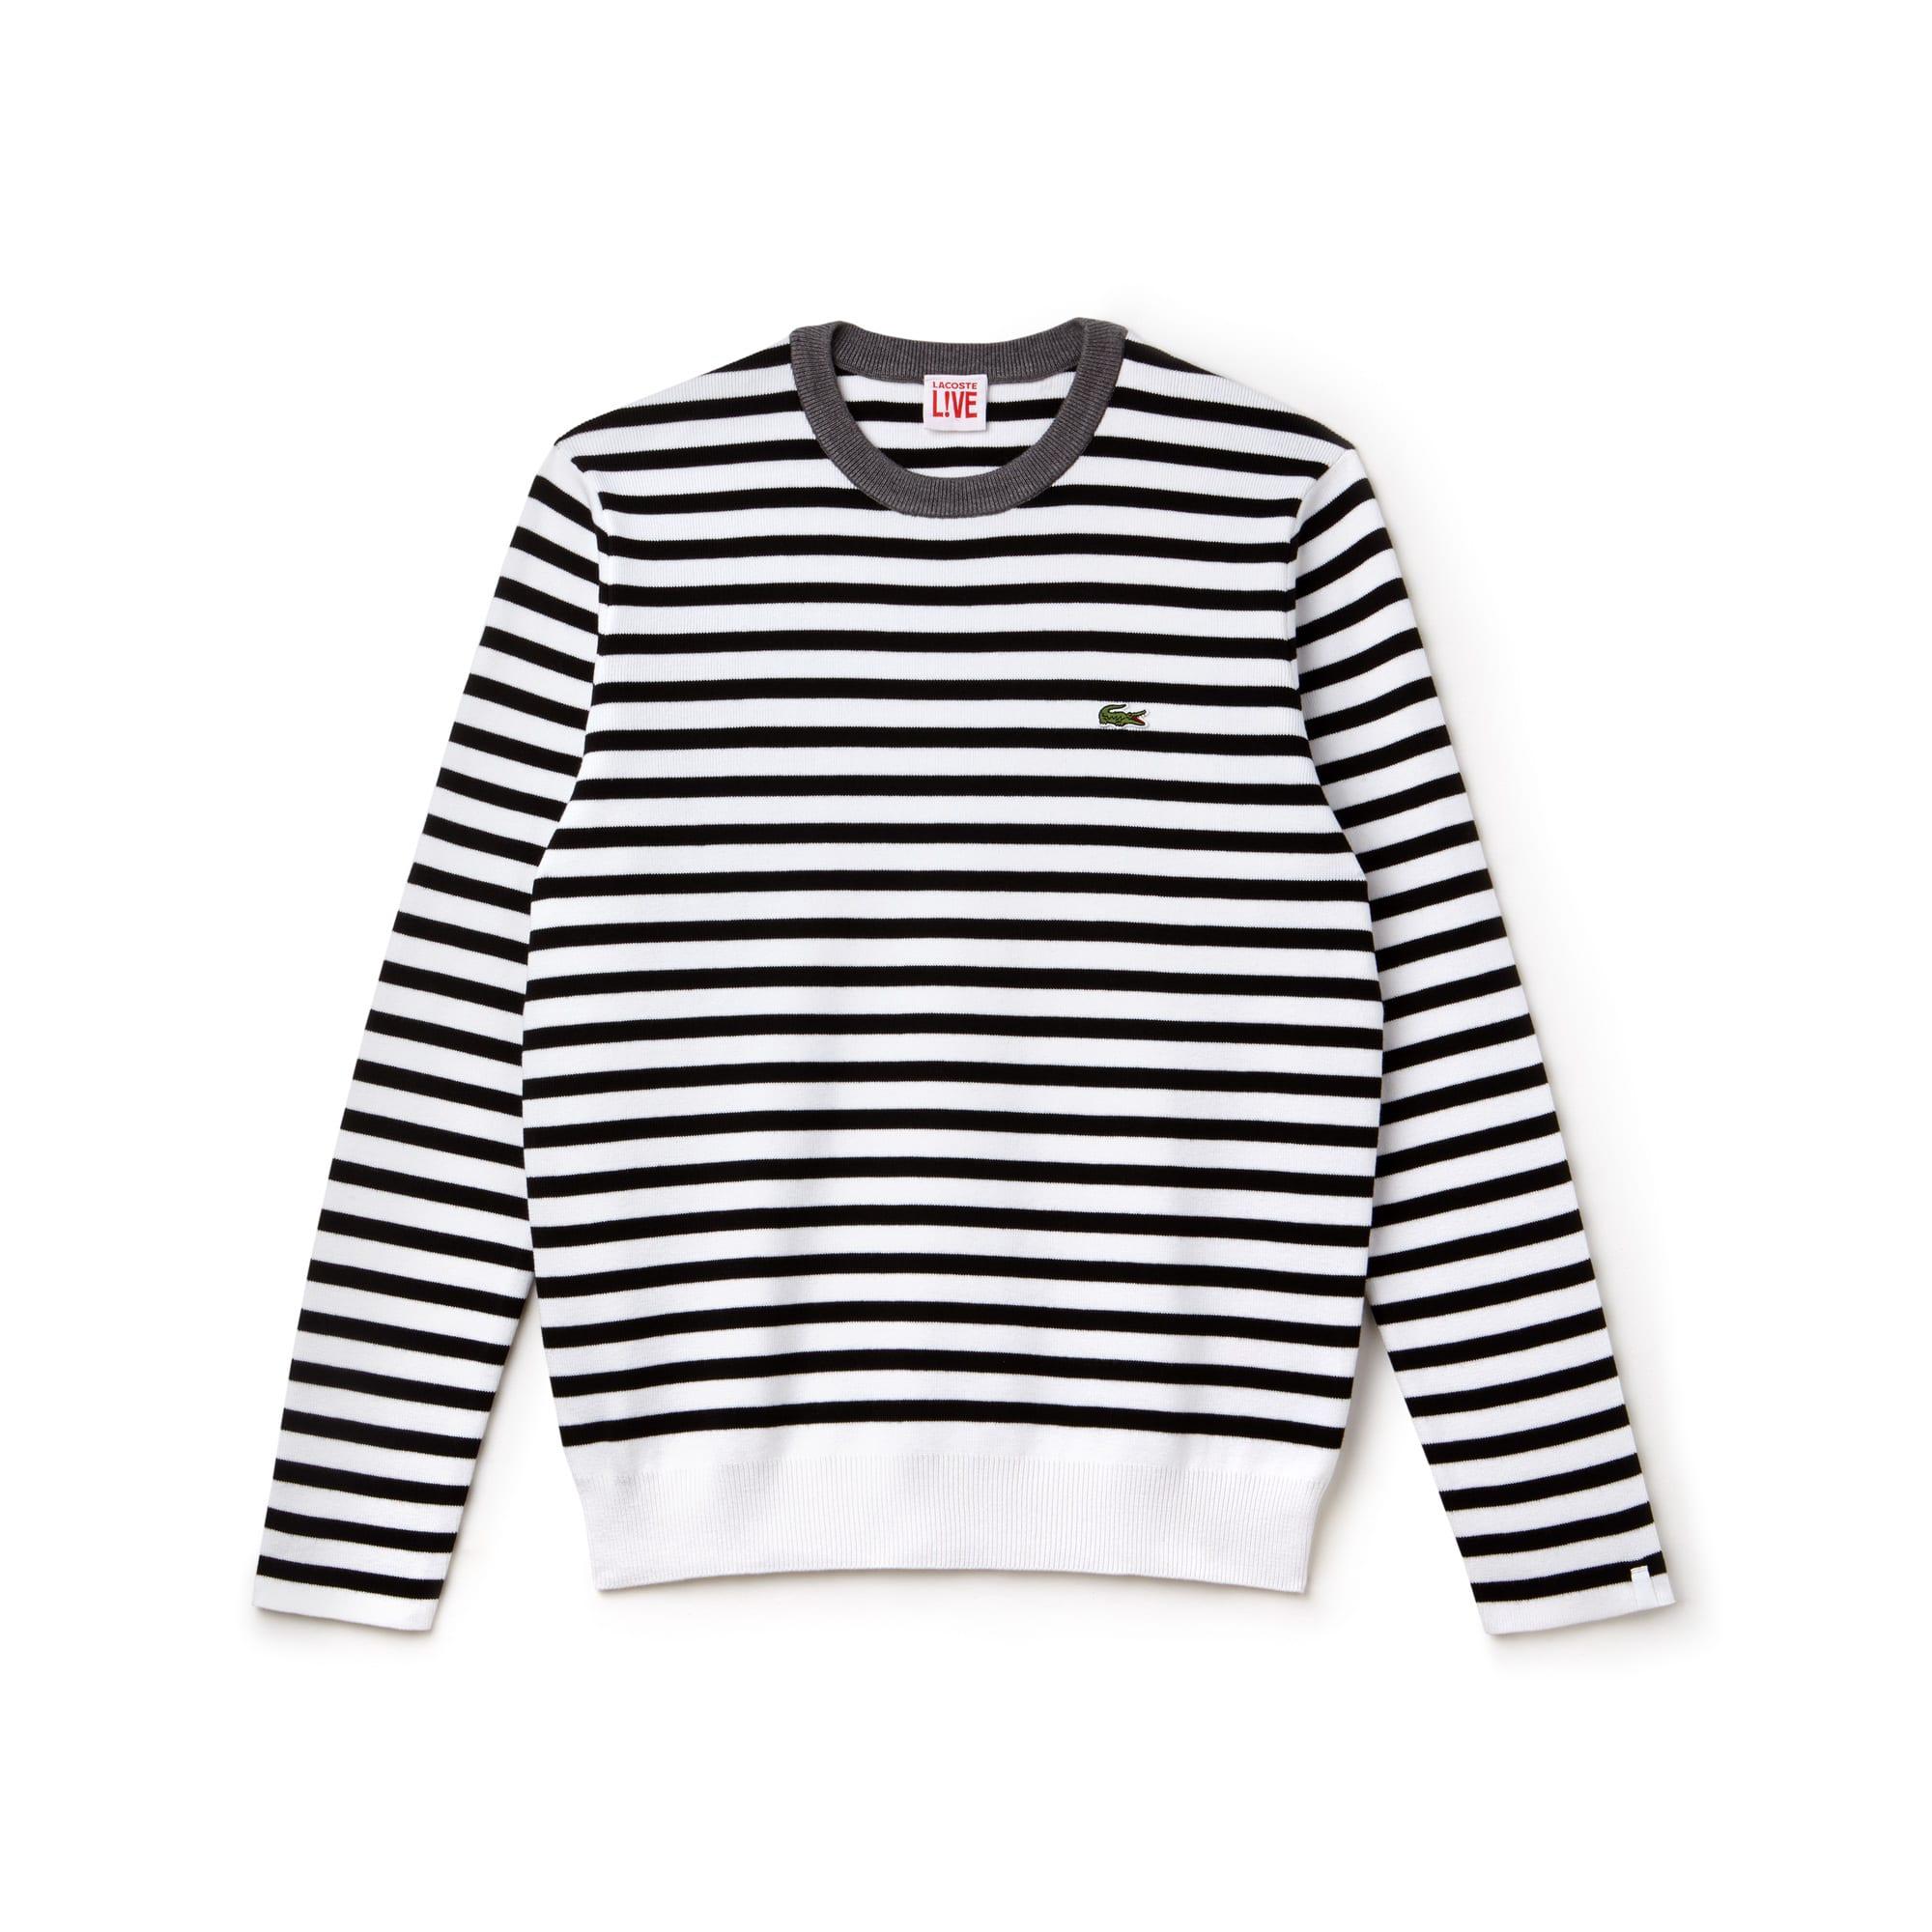 Jersey de cuello redondo Lacoste LIVE de punto jersey de algodón de rayas